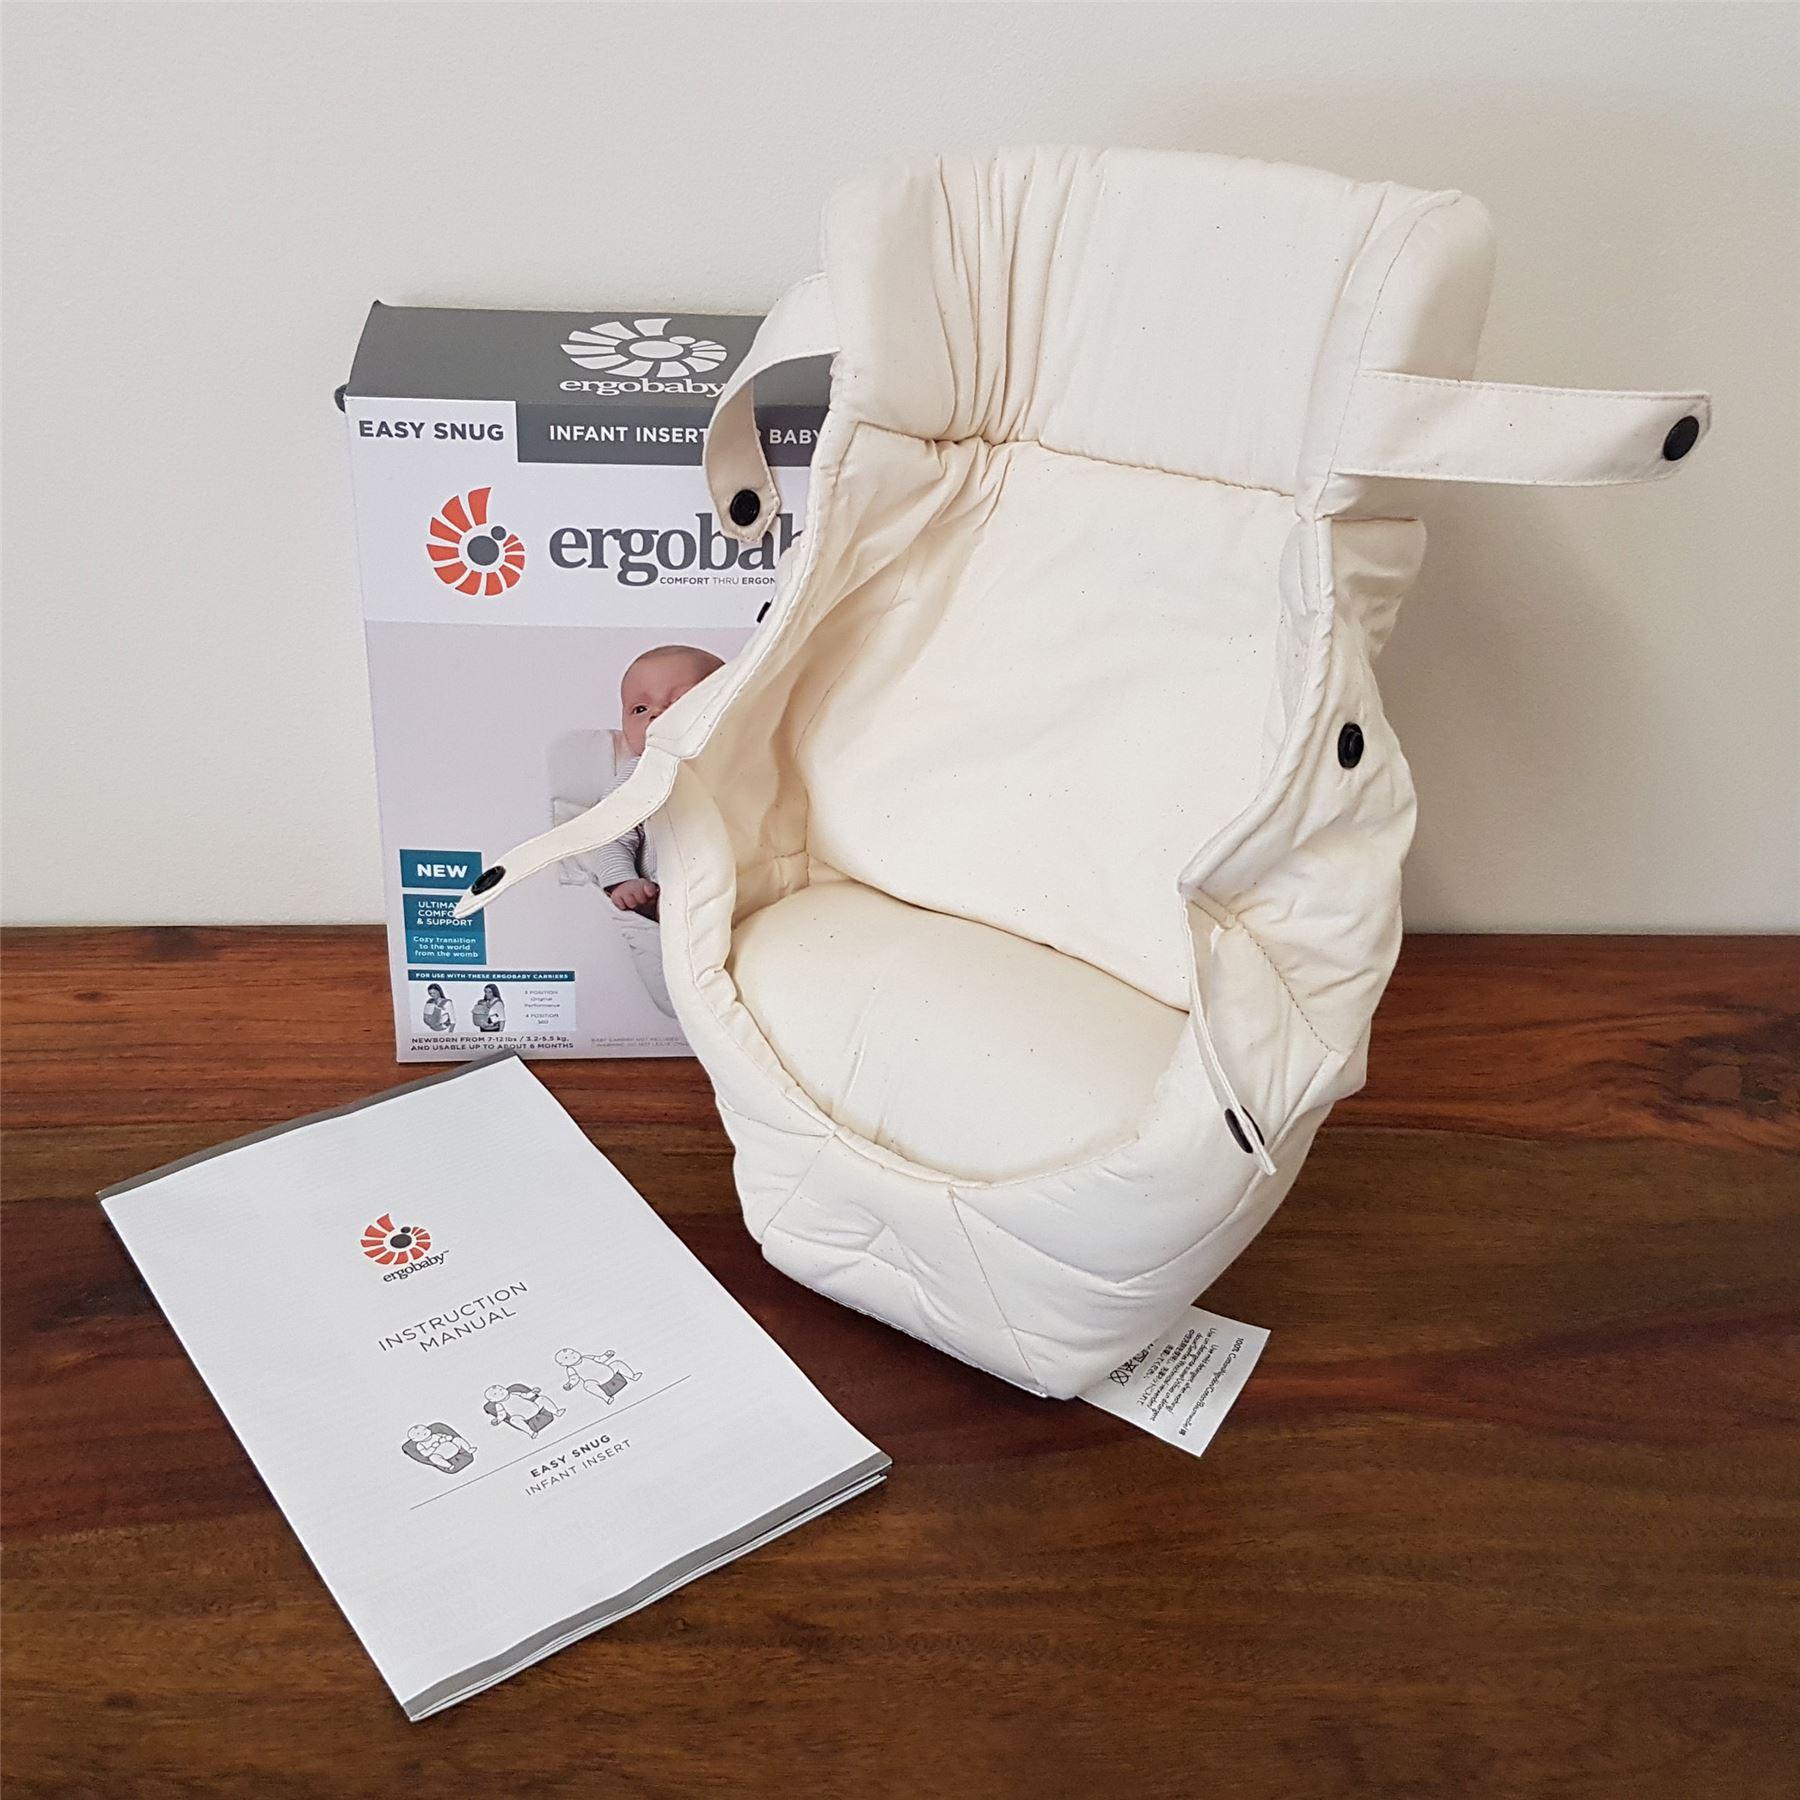 ergobaby 360 newborn insert instructions